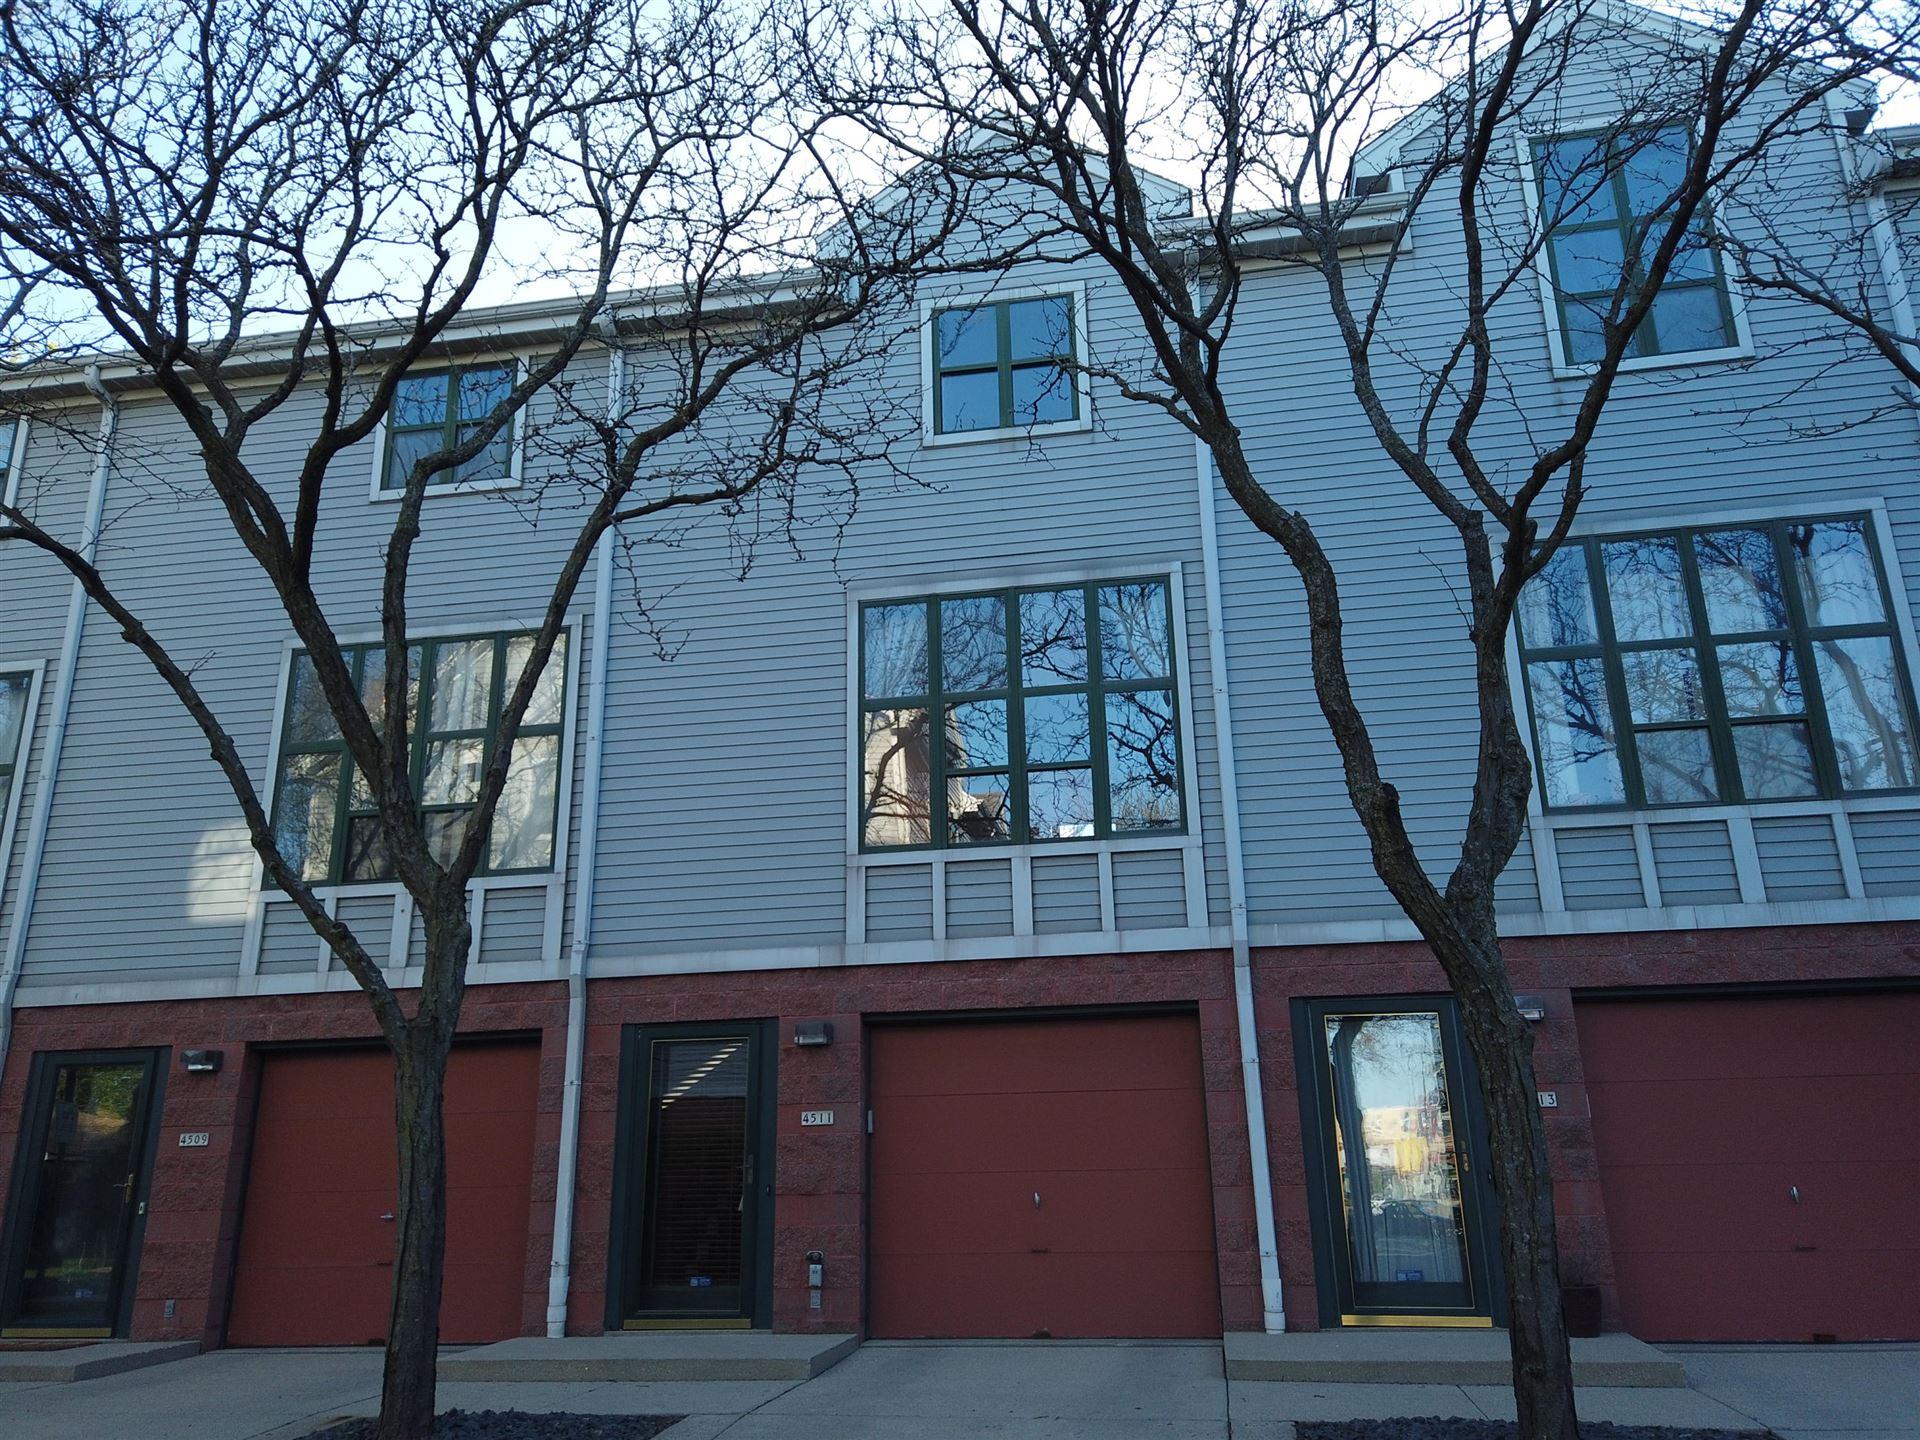 4511 W Westchester Sq, West Milwaukee, WI 53214 - #: 1690097